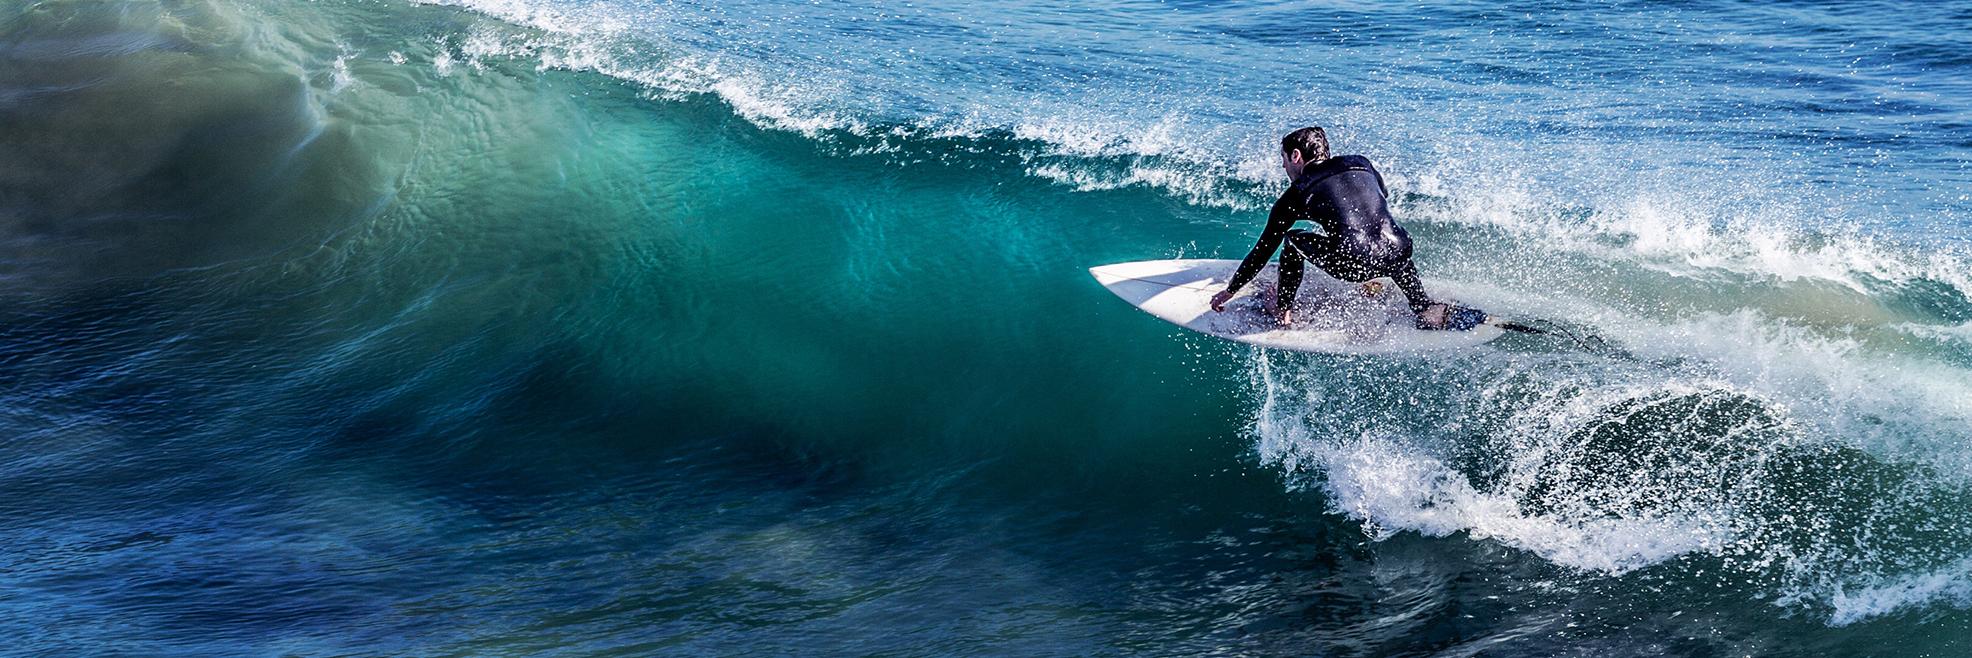 Surfing Holidays in North Devon | Handpicked